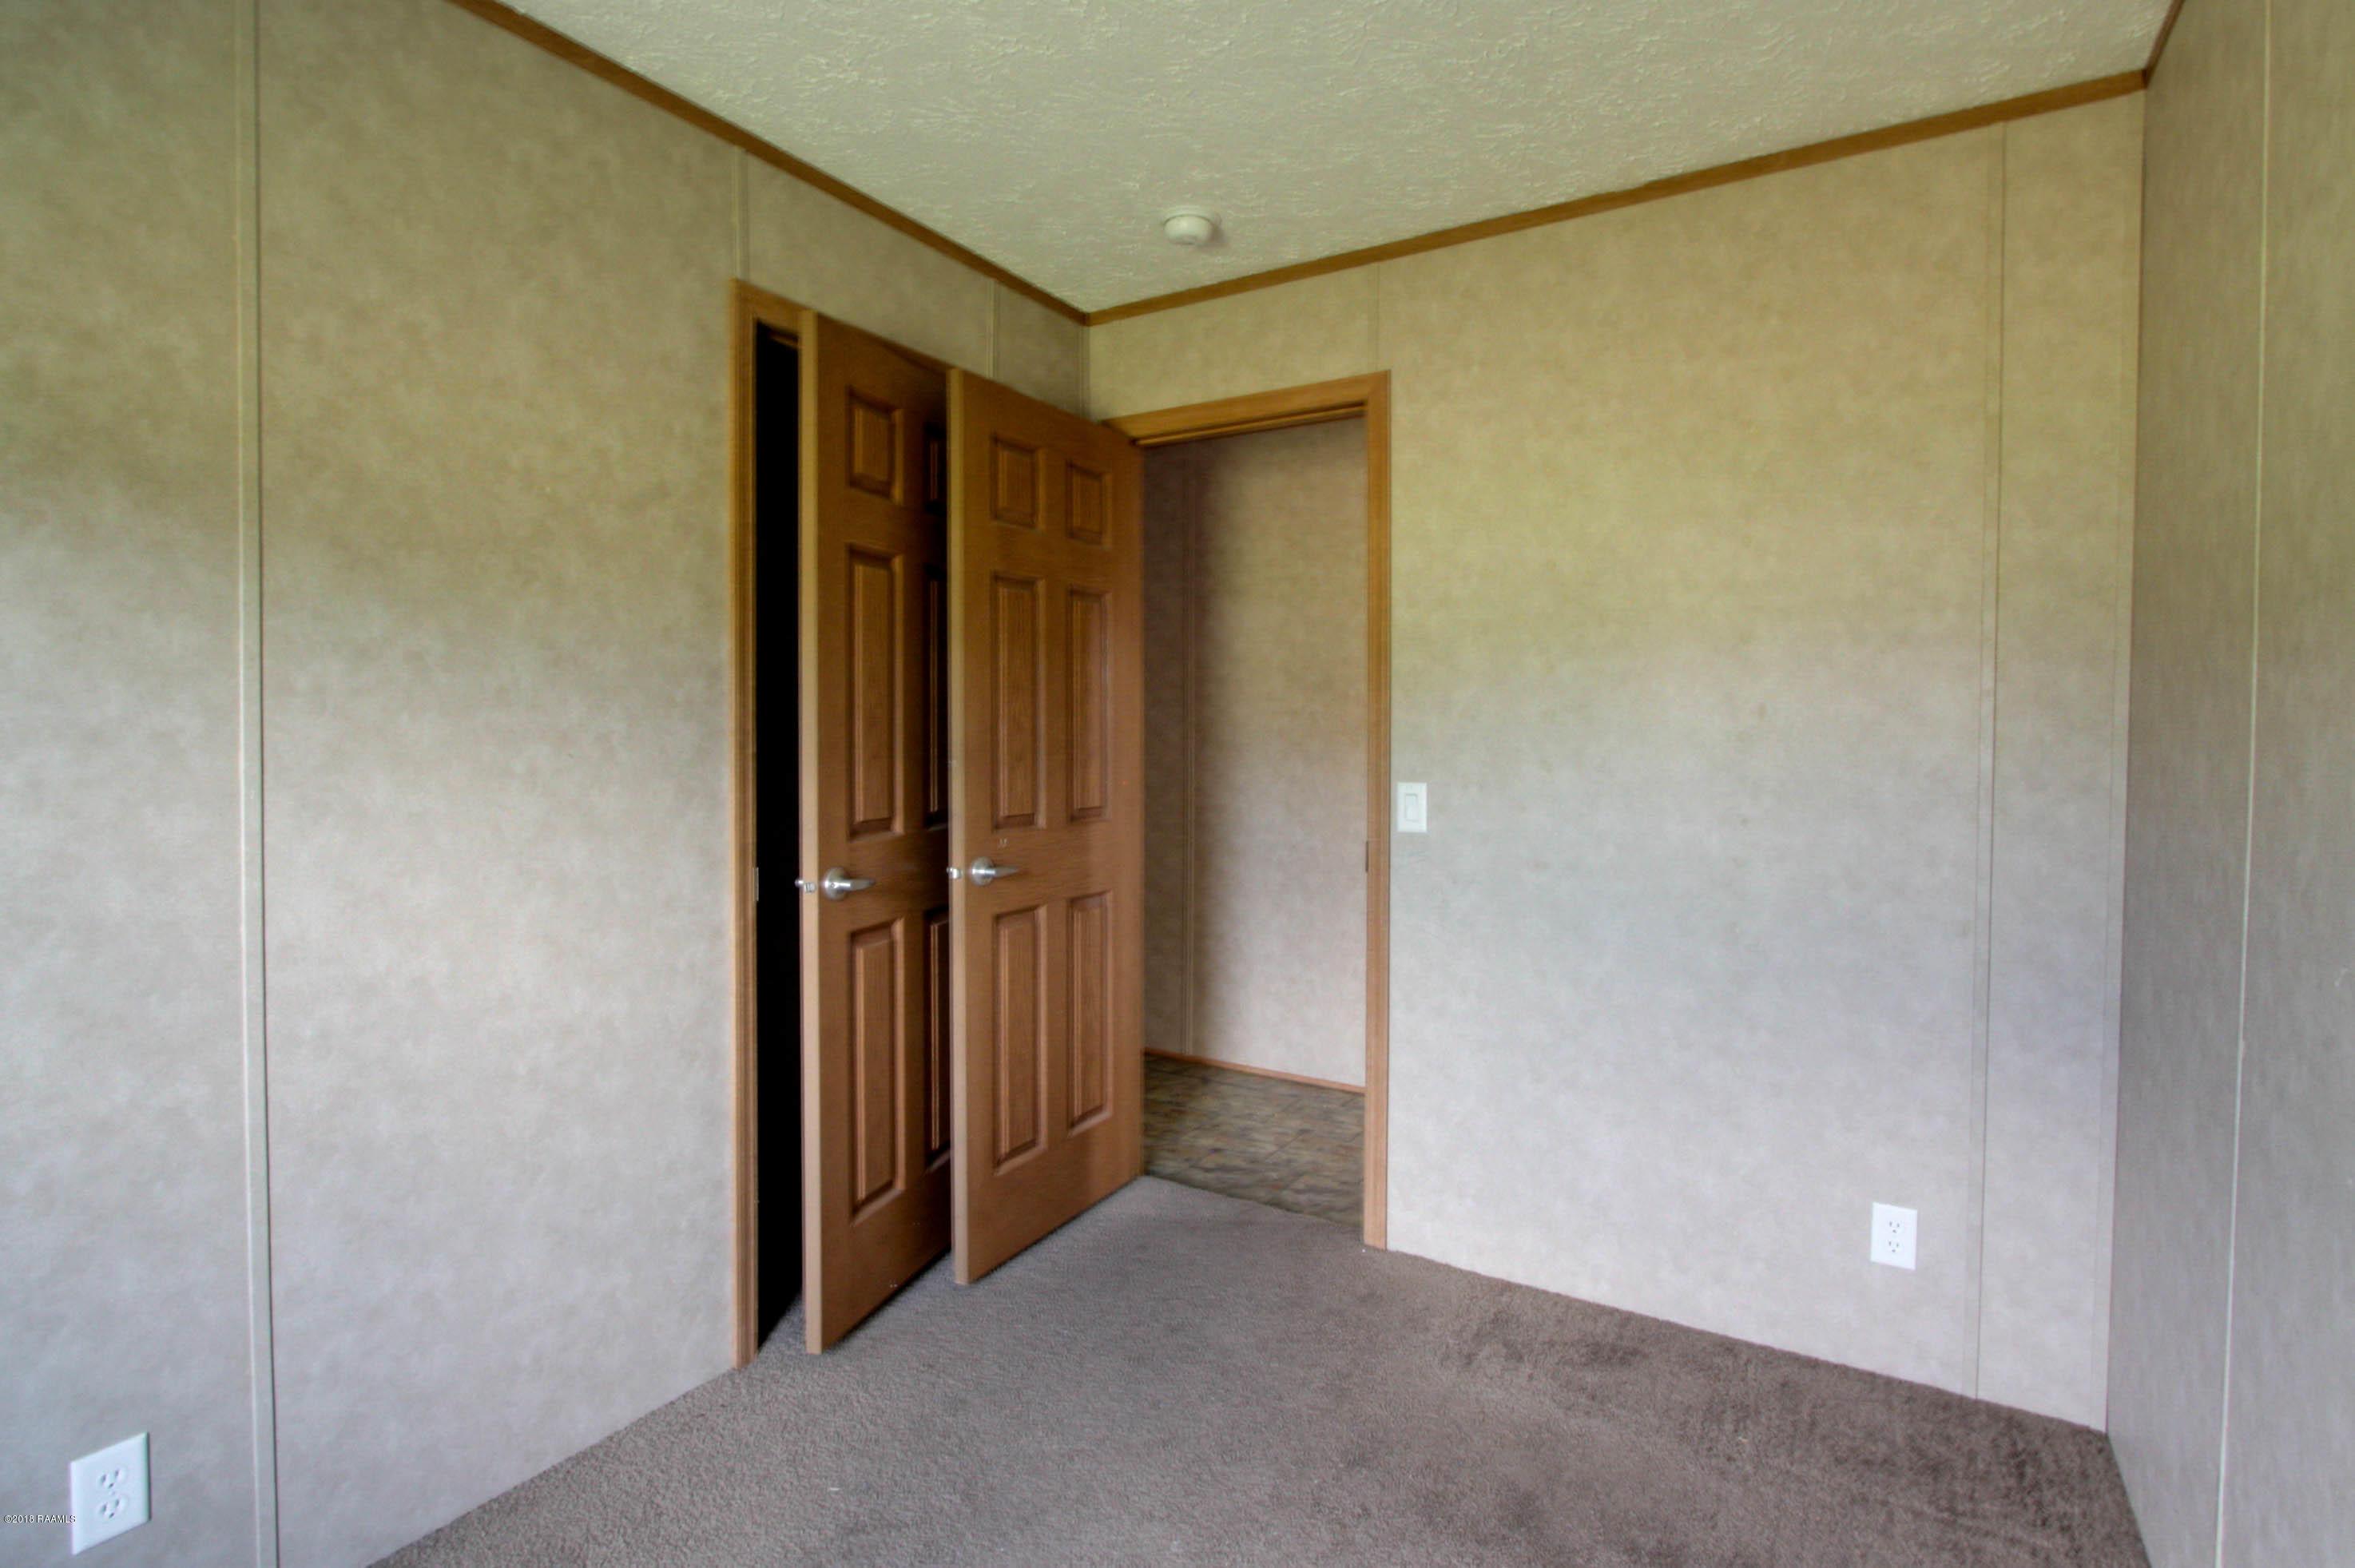 151 Lediana Lane Road, Washington, LA 70589 Photo #20